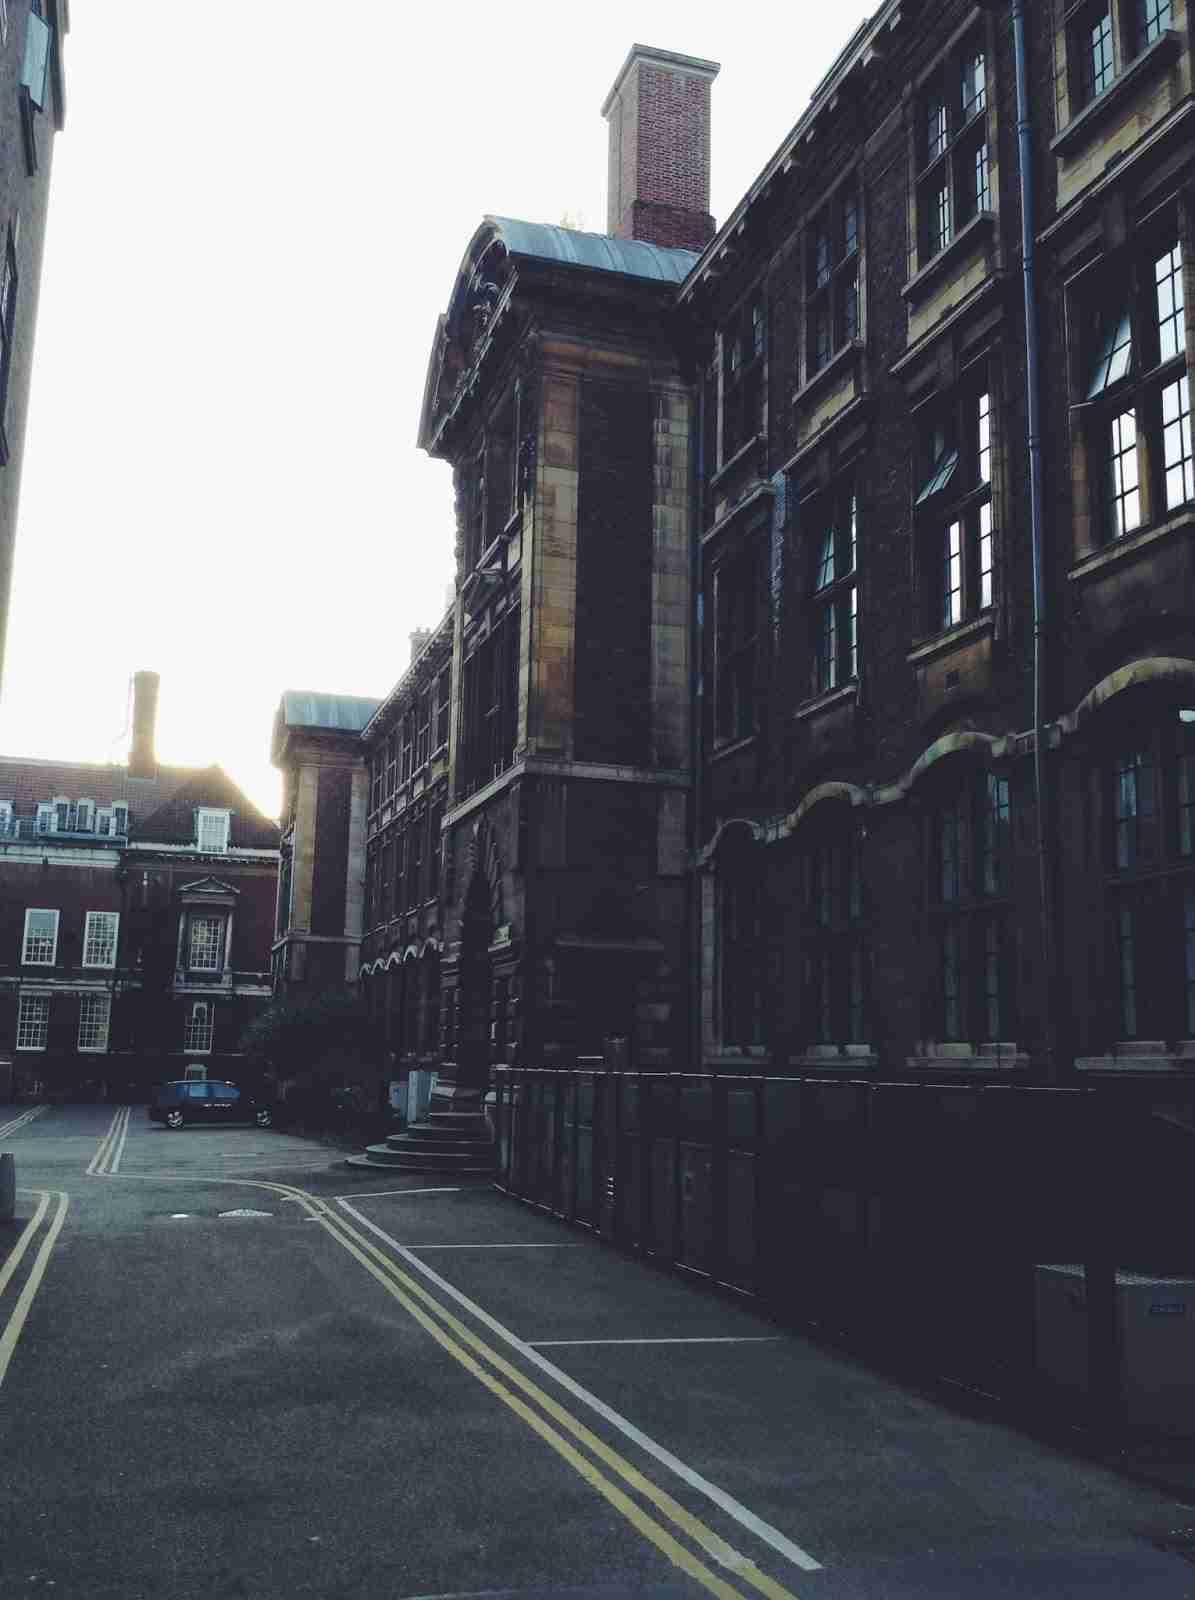 University of Cambridge Campus